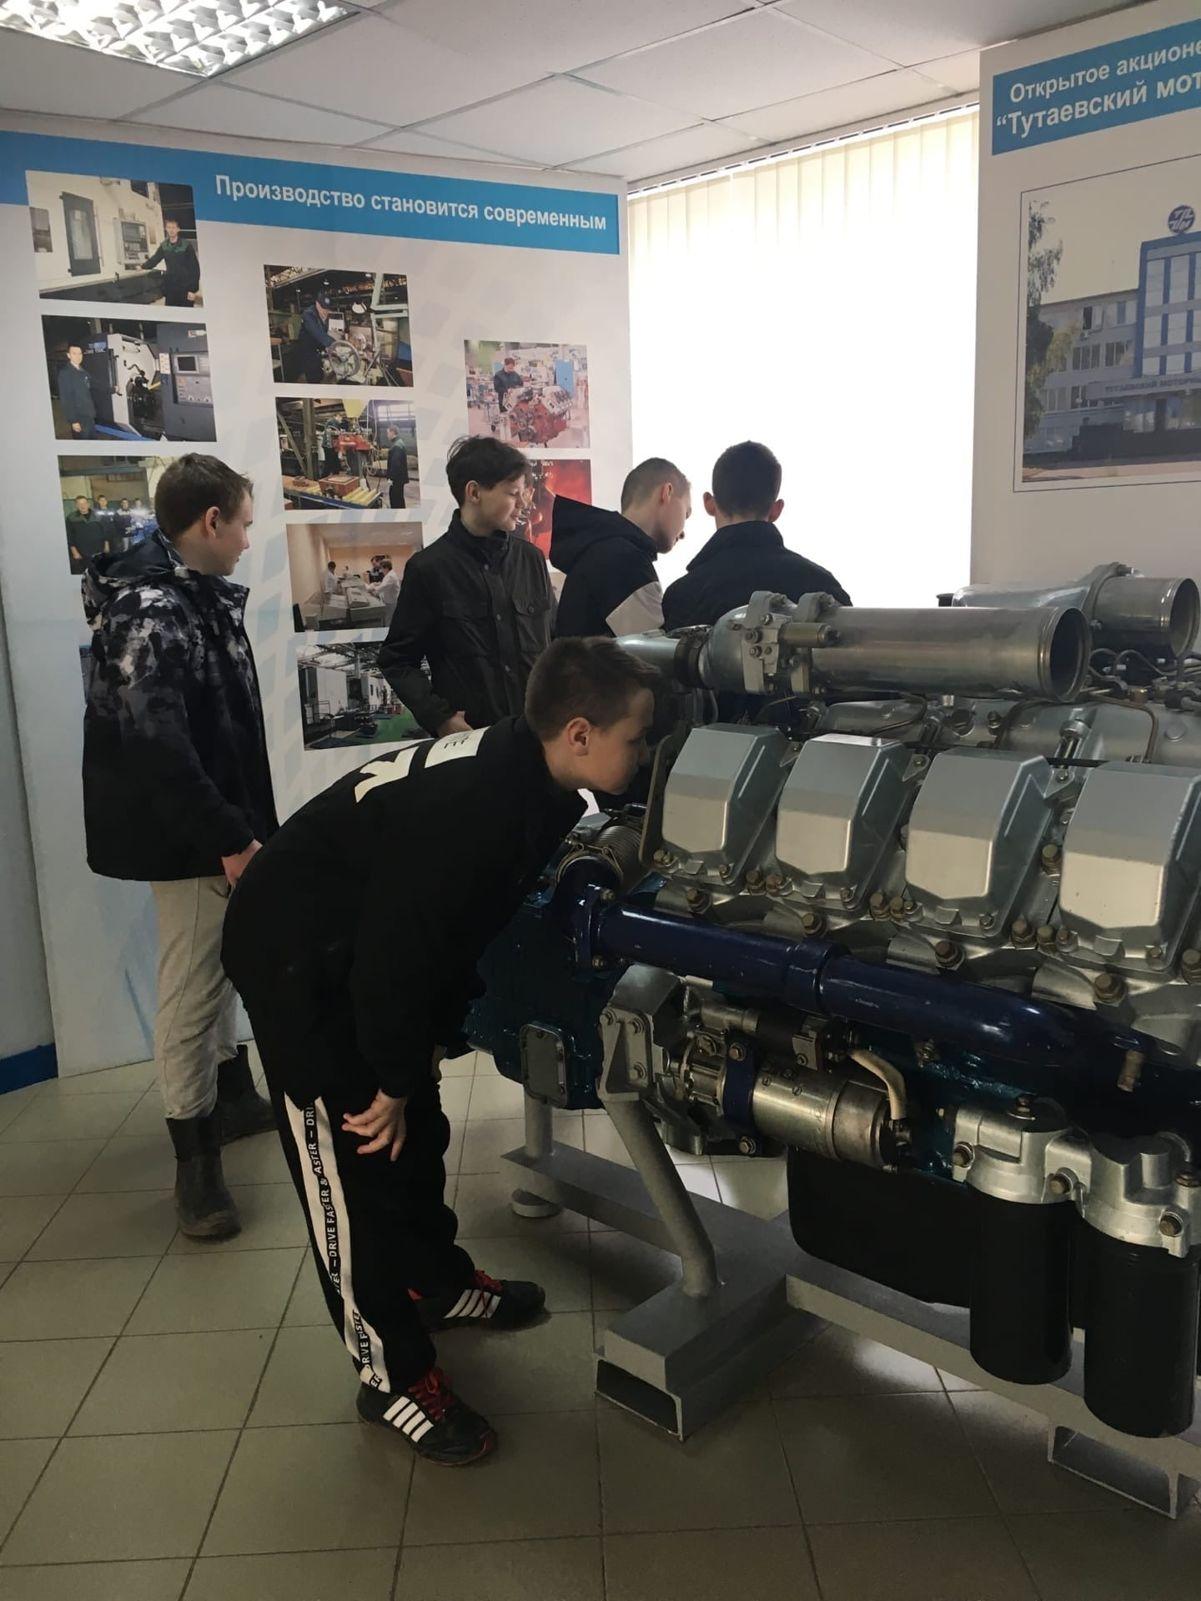 Ярославские предприятия проводят экскурсии для школьников и студентов